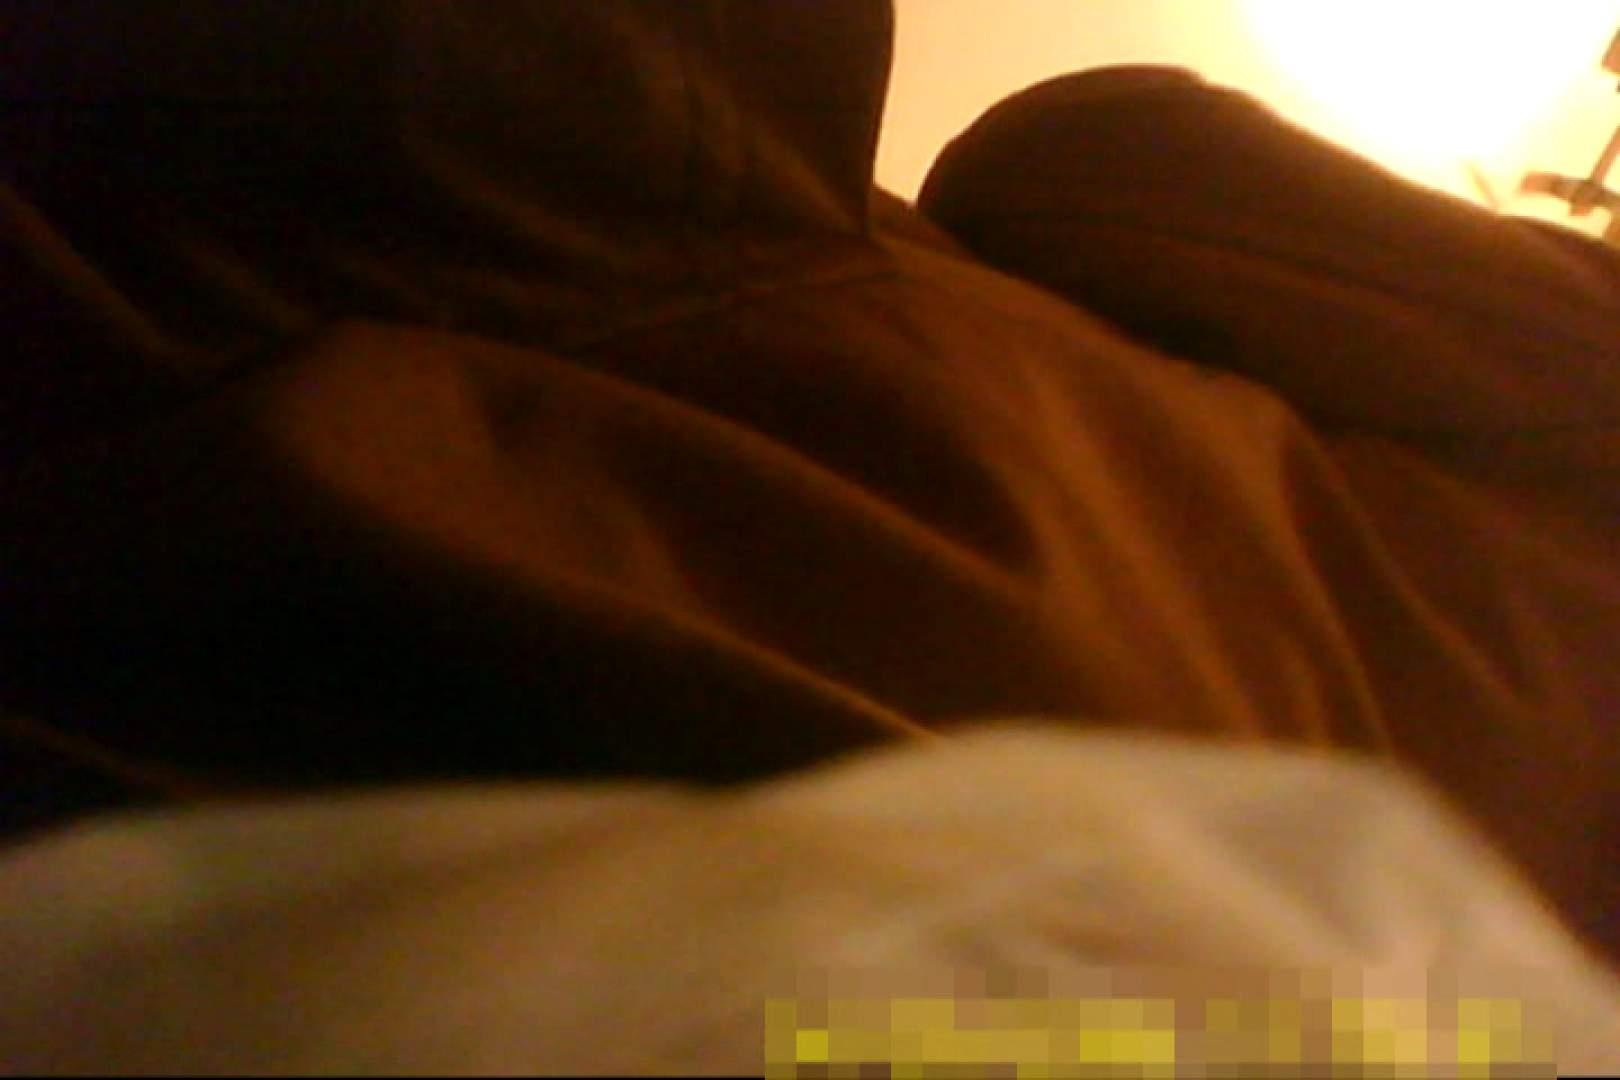 魅惑の化粧室~禁断のプライベート空間~vol.8 エッチな熟女  103pic 92